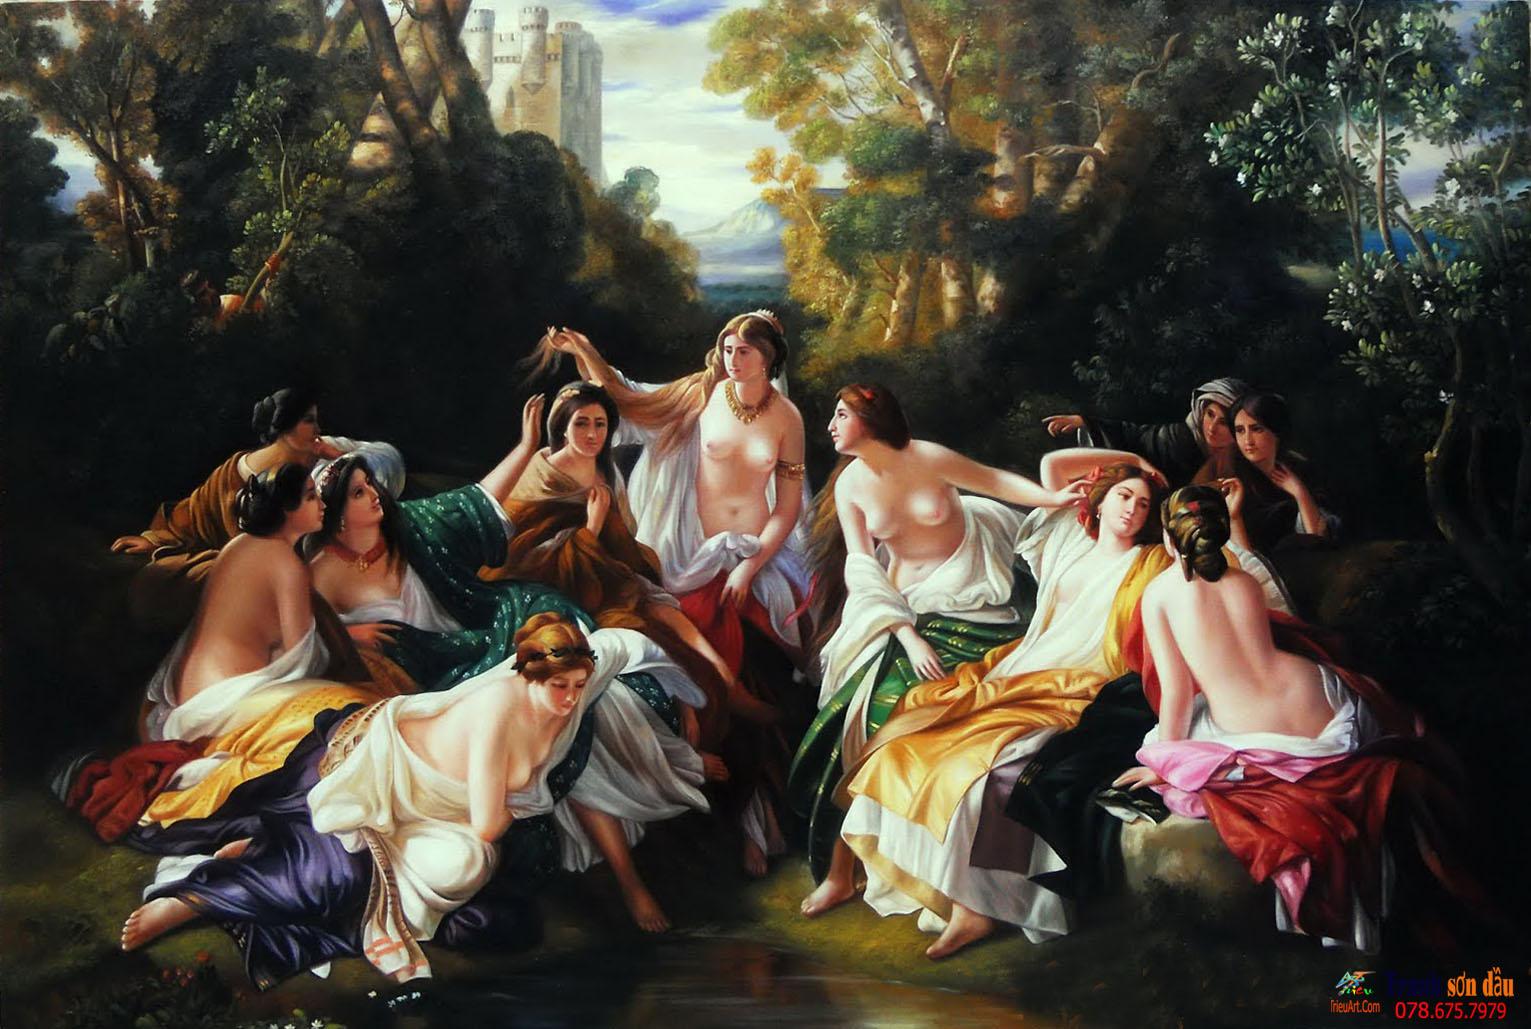 tranh chân dung cổ điển